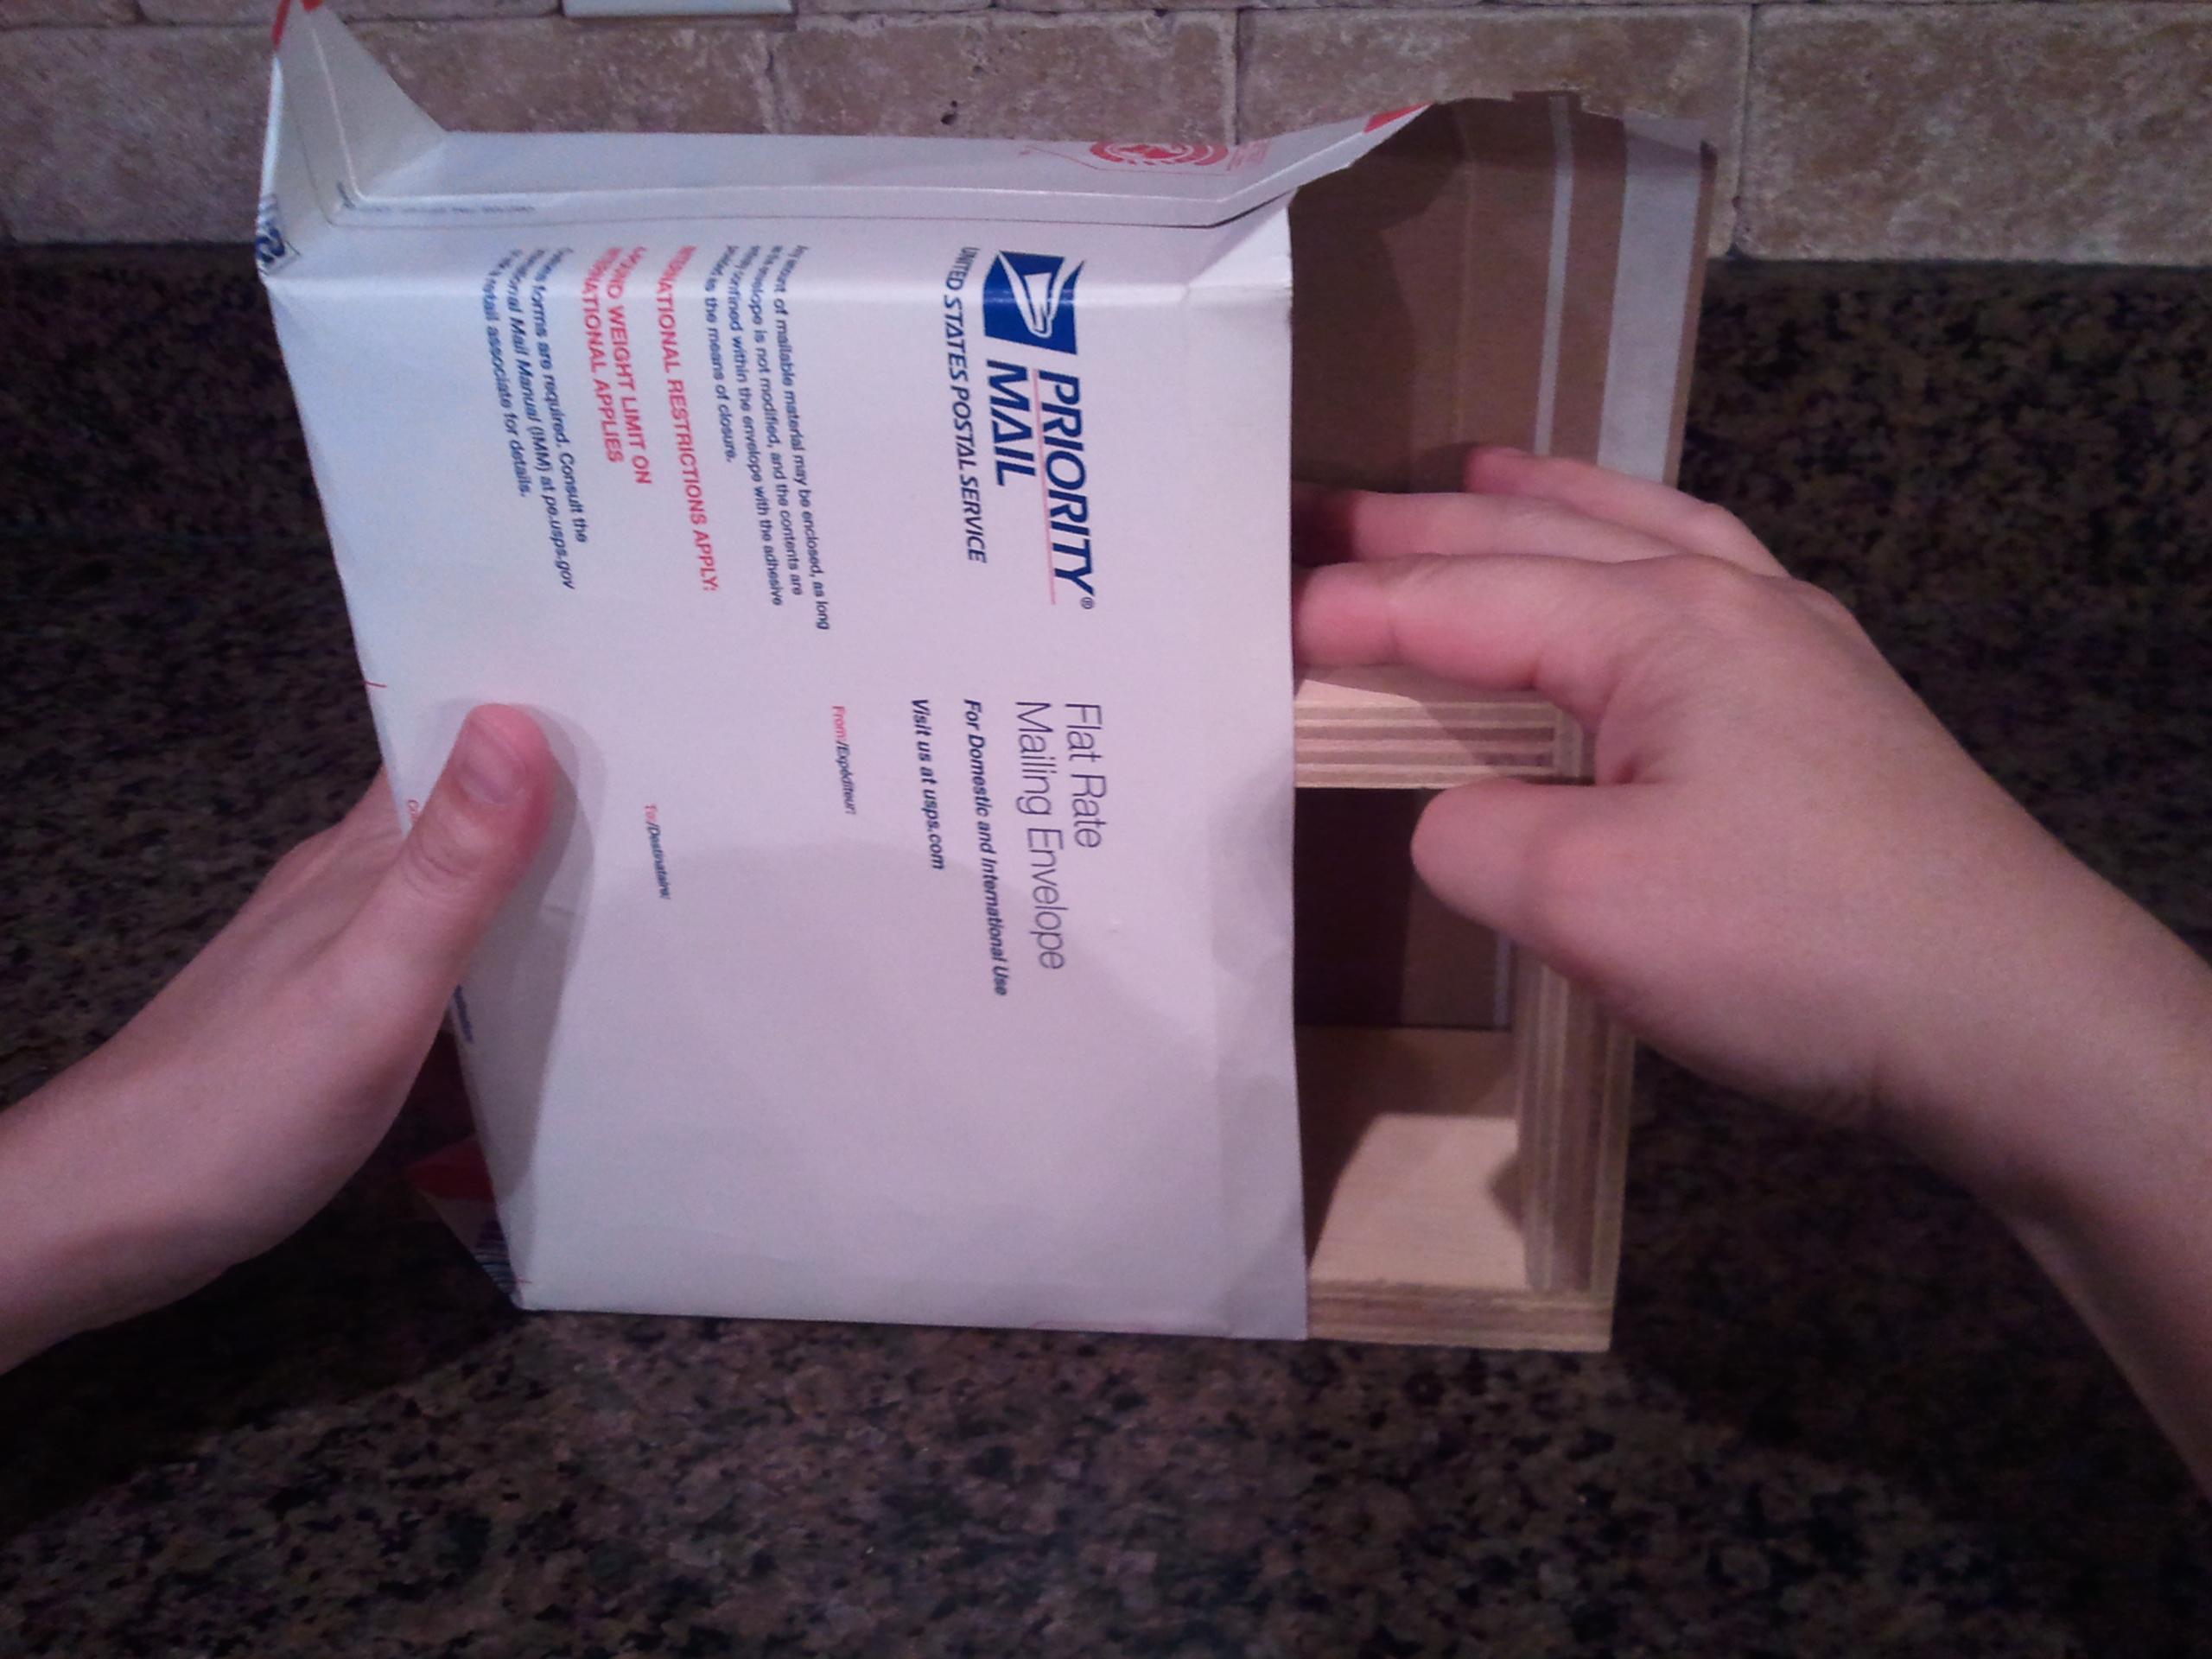 Make $4.75 USPS Flat Rate shipping box